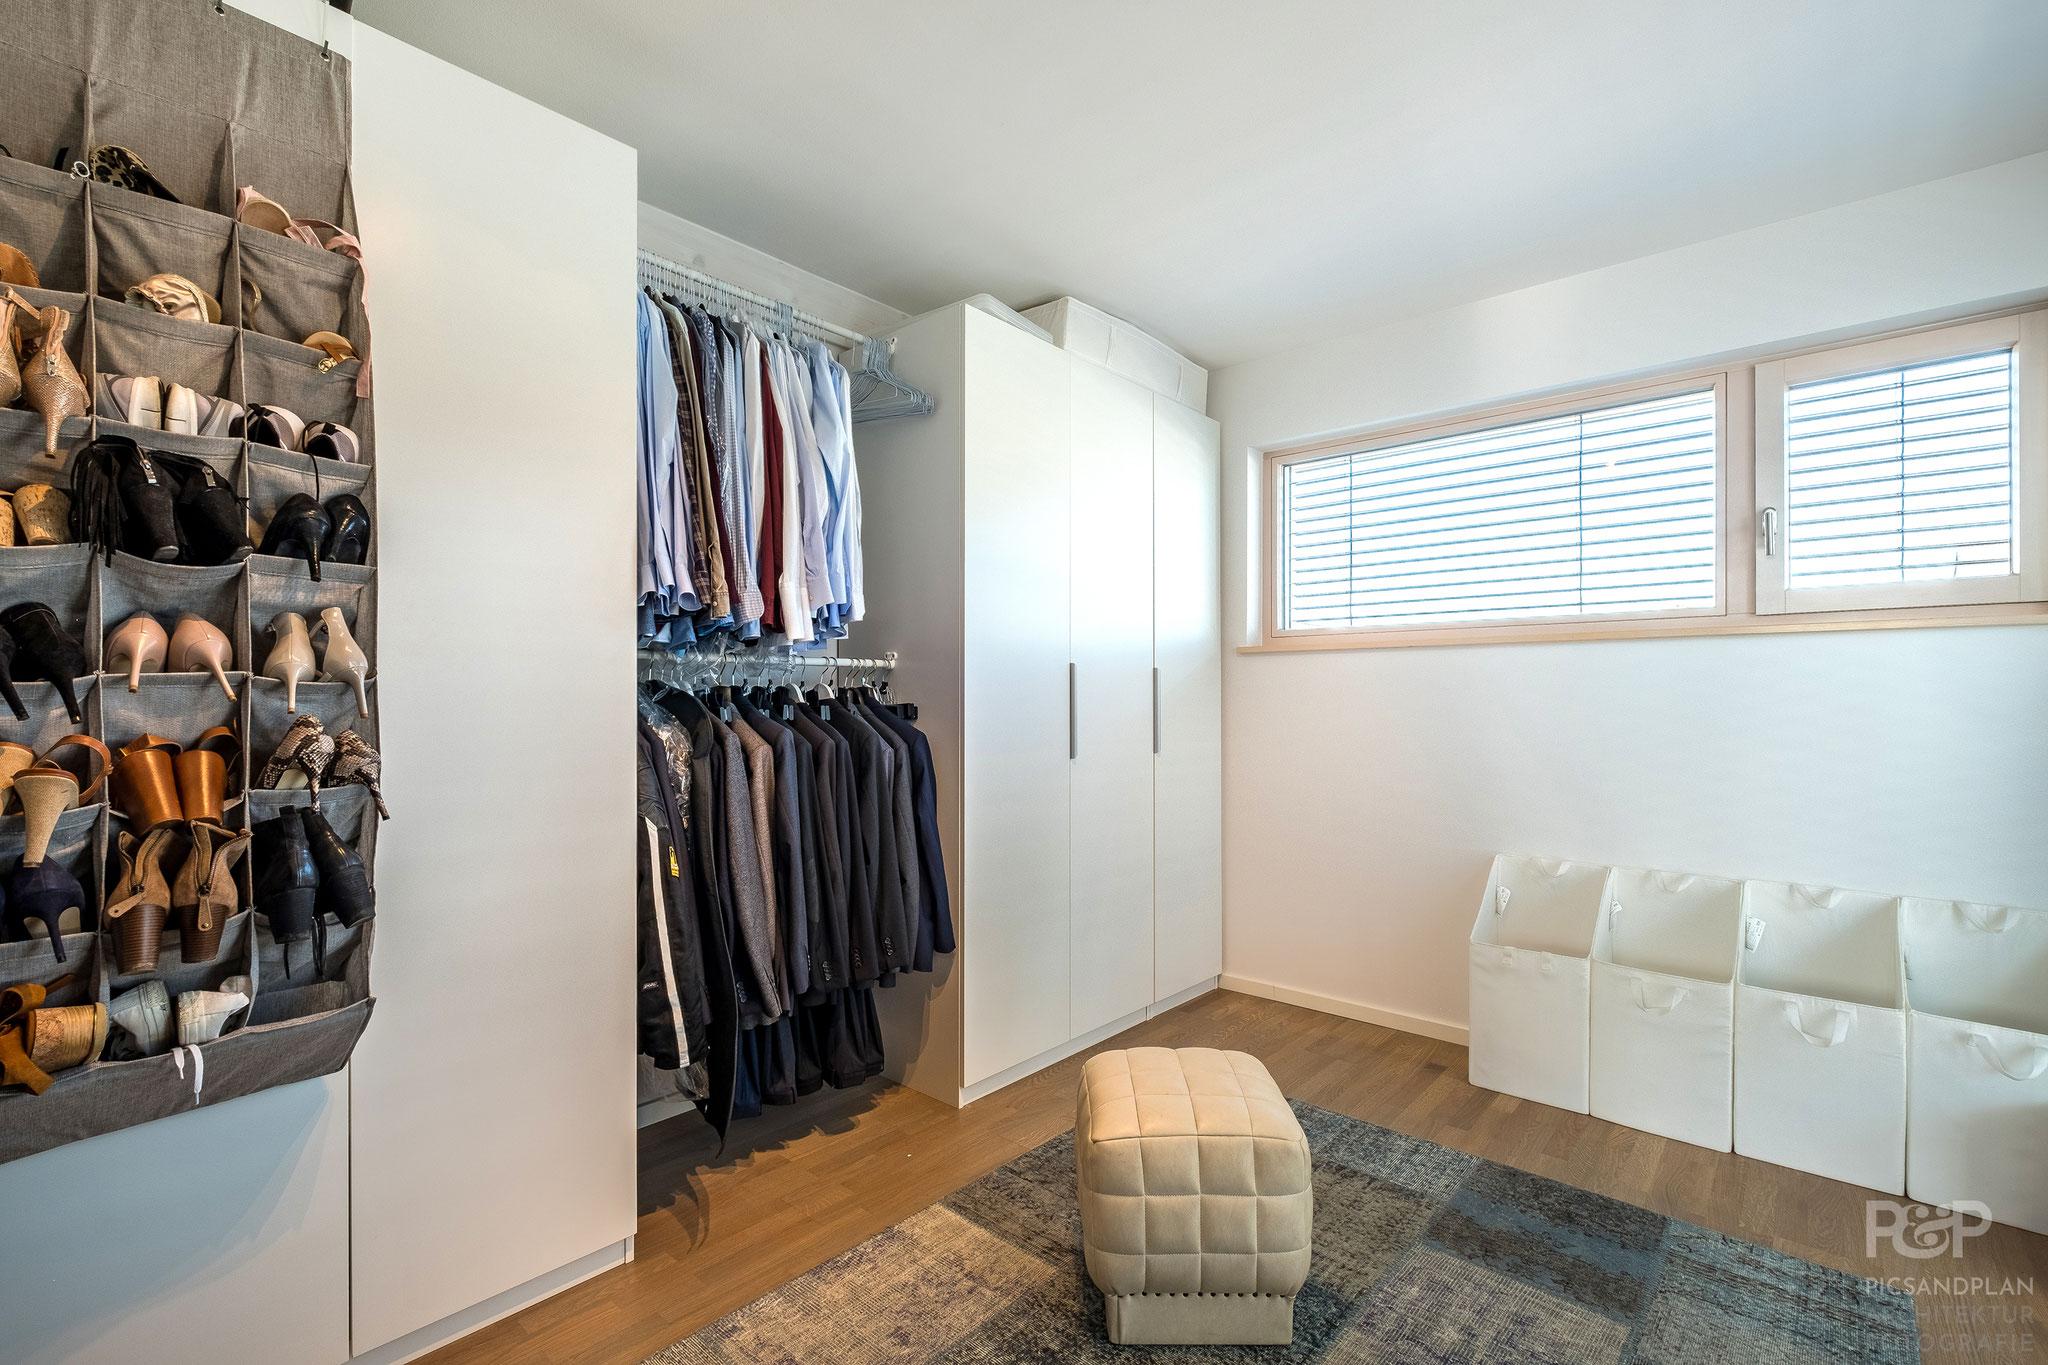 Schlafzimmer (derzeit als Ankleide genutzt)